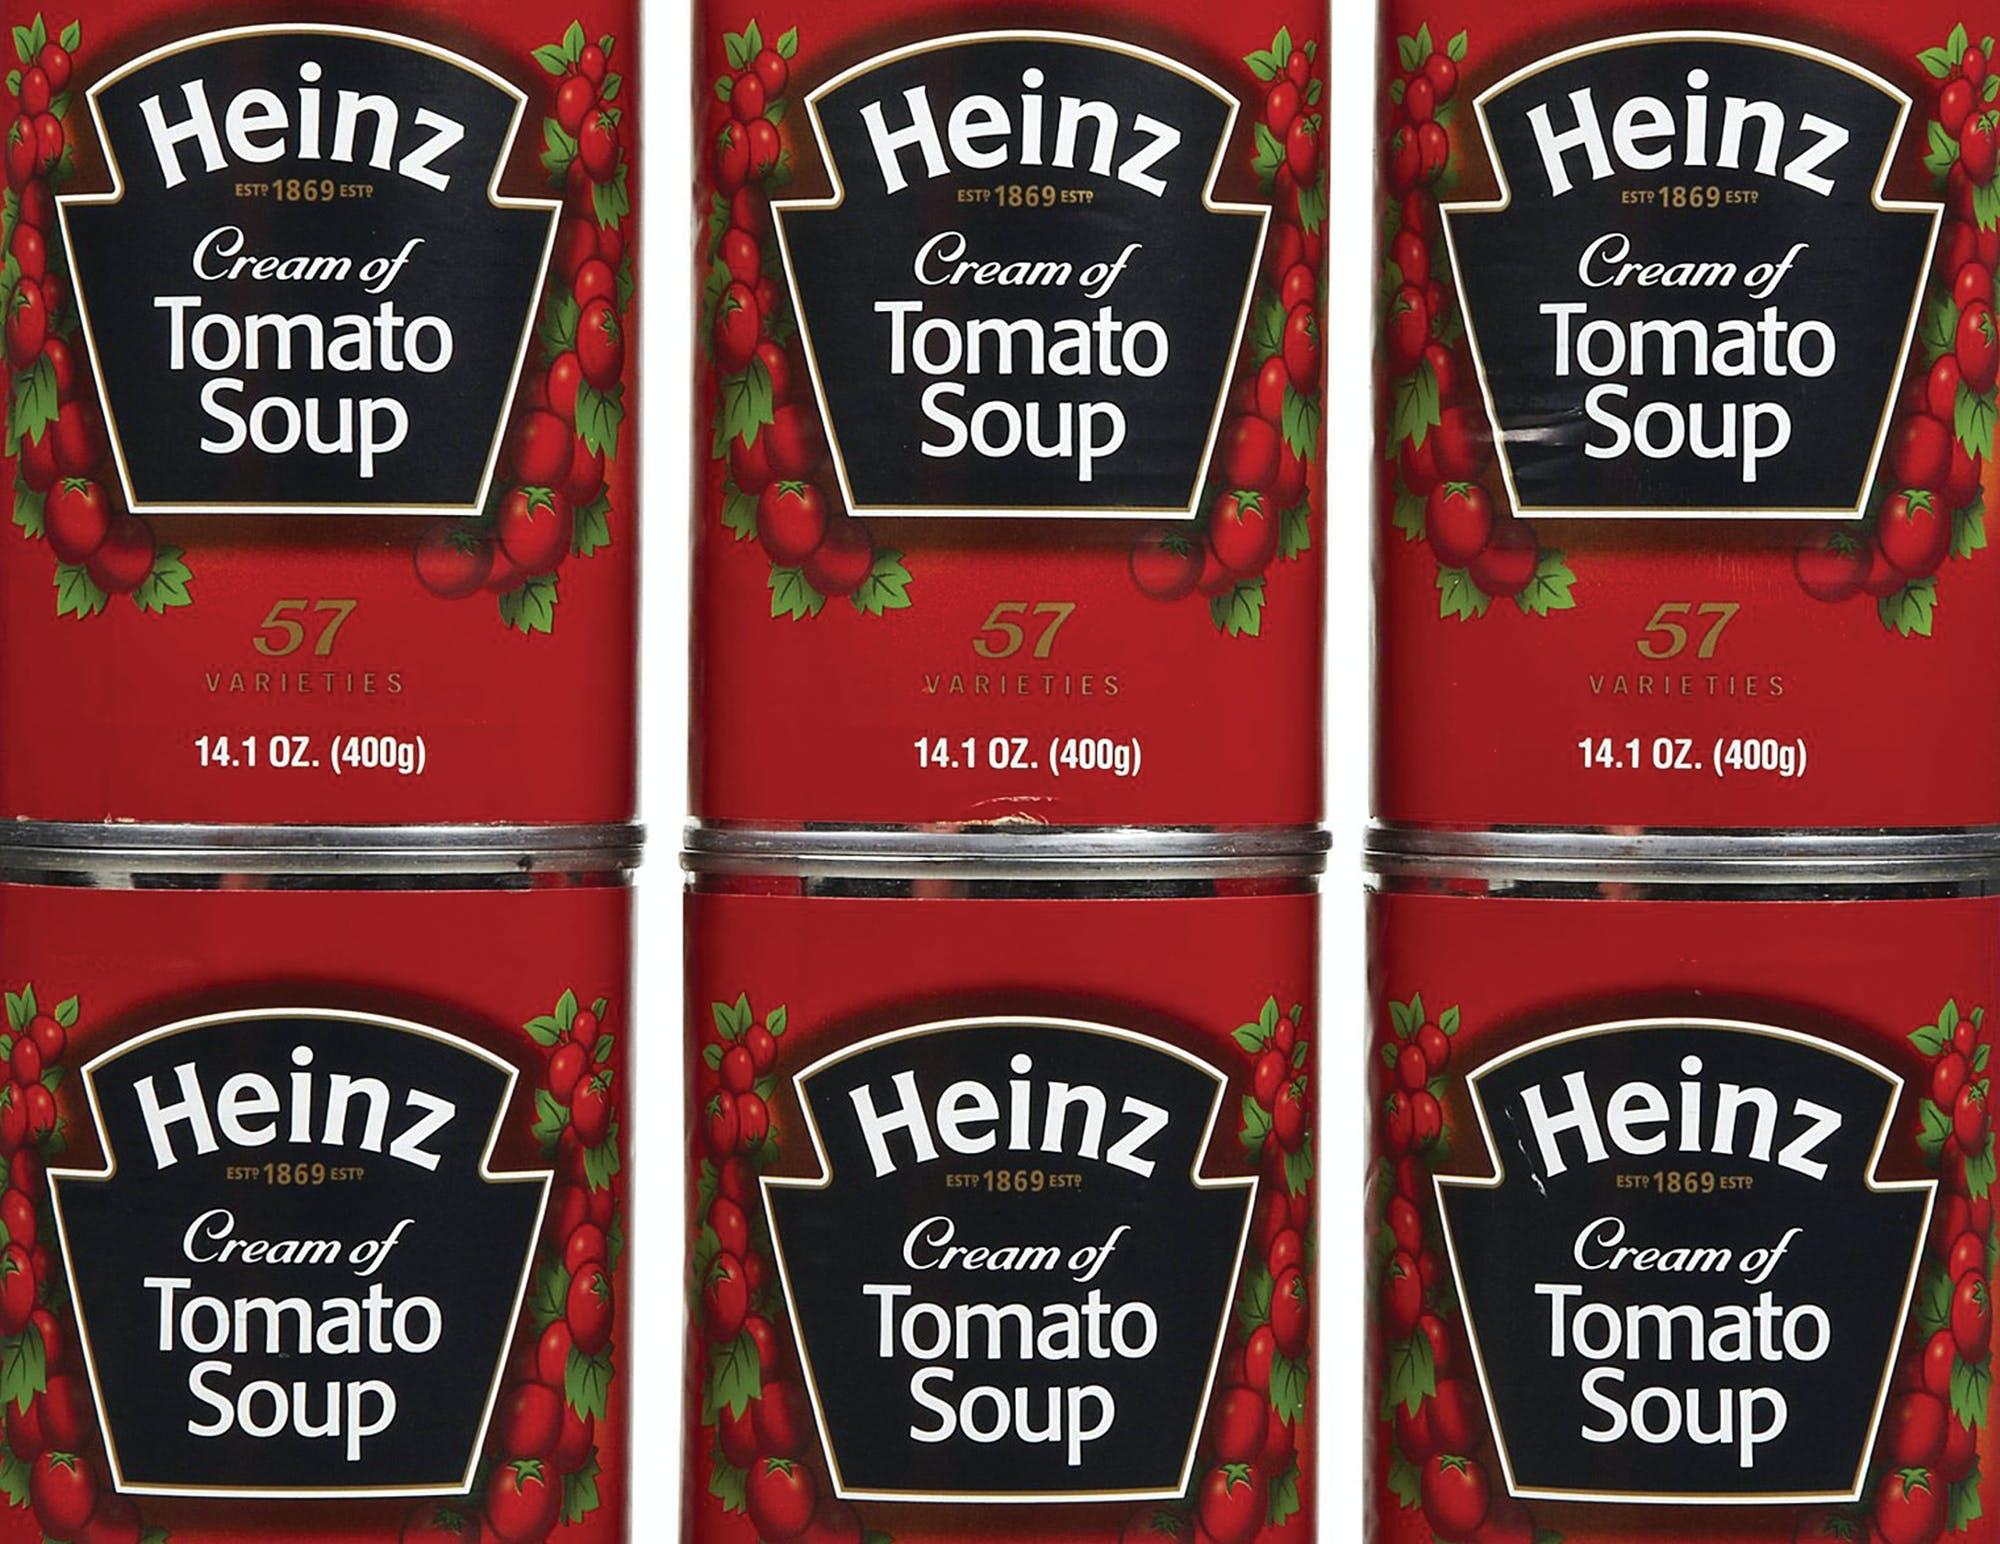 heinz-beans-product-2013-fullwidth